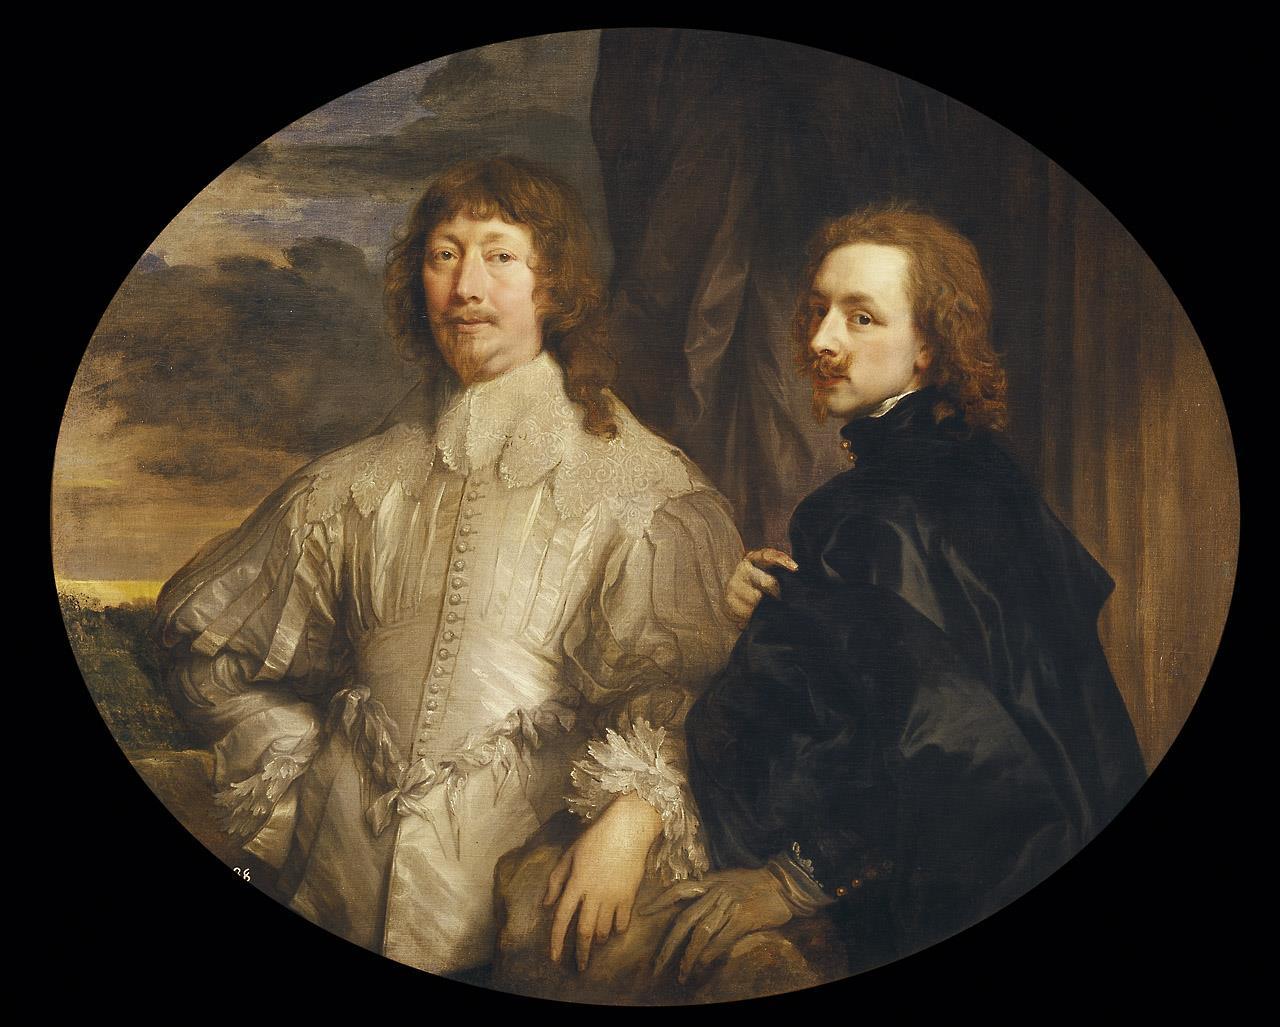 Endymion Porter y Van Dyck [Van Dyck]